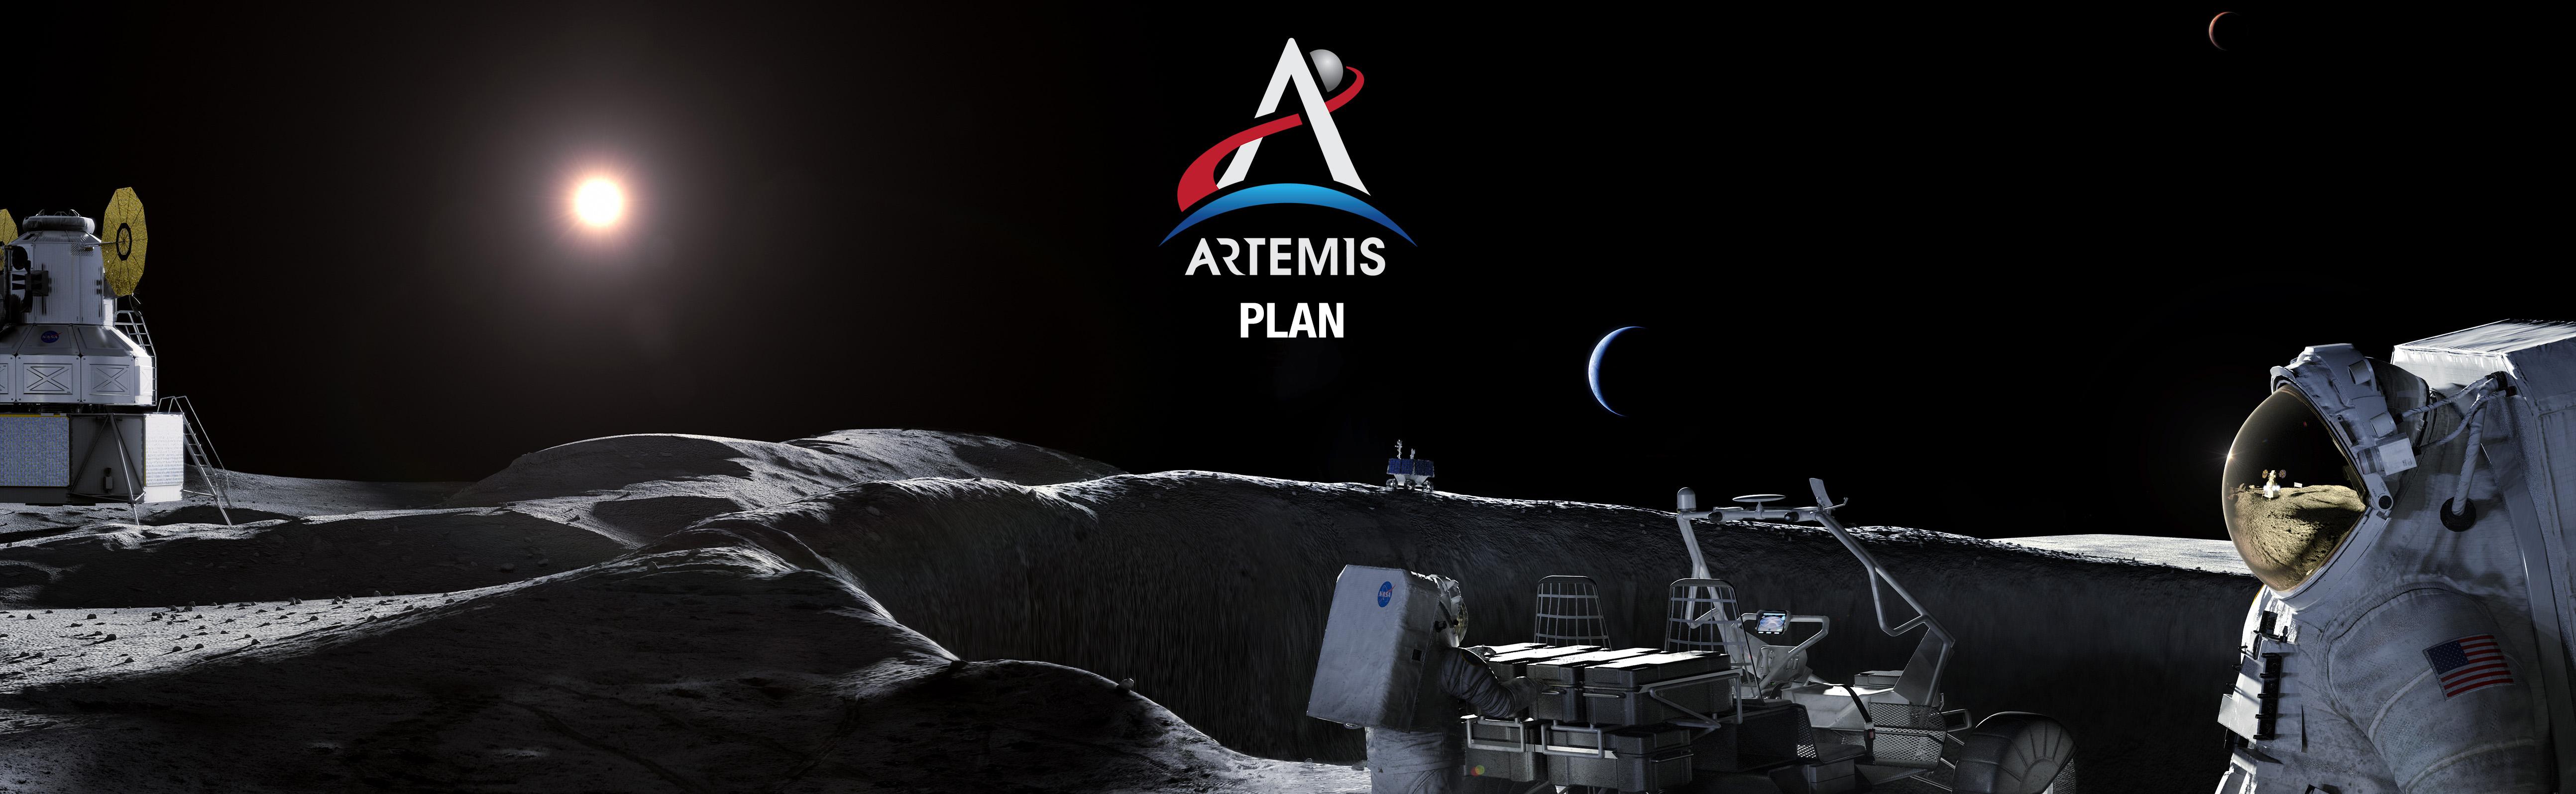 Artemis plan